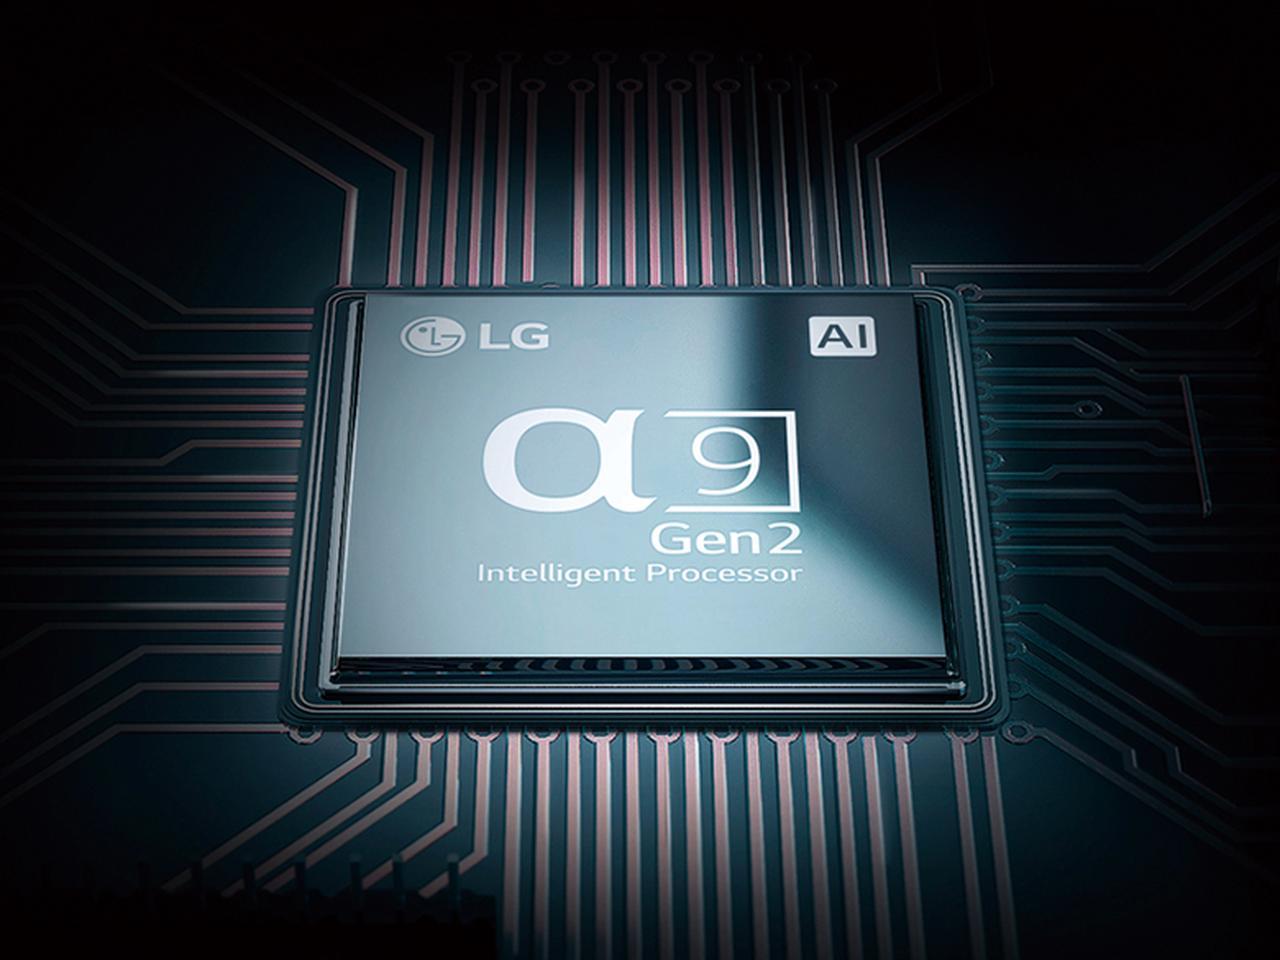 画像: 映像エンジン「α9プロセッサー」の進化版「α9 Gen2」。ハードウエアはα9と同等だが、より高度な使いこなしによって画質、機能性を向上させた。